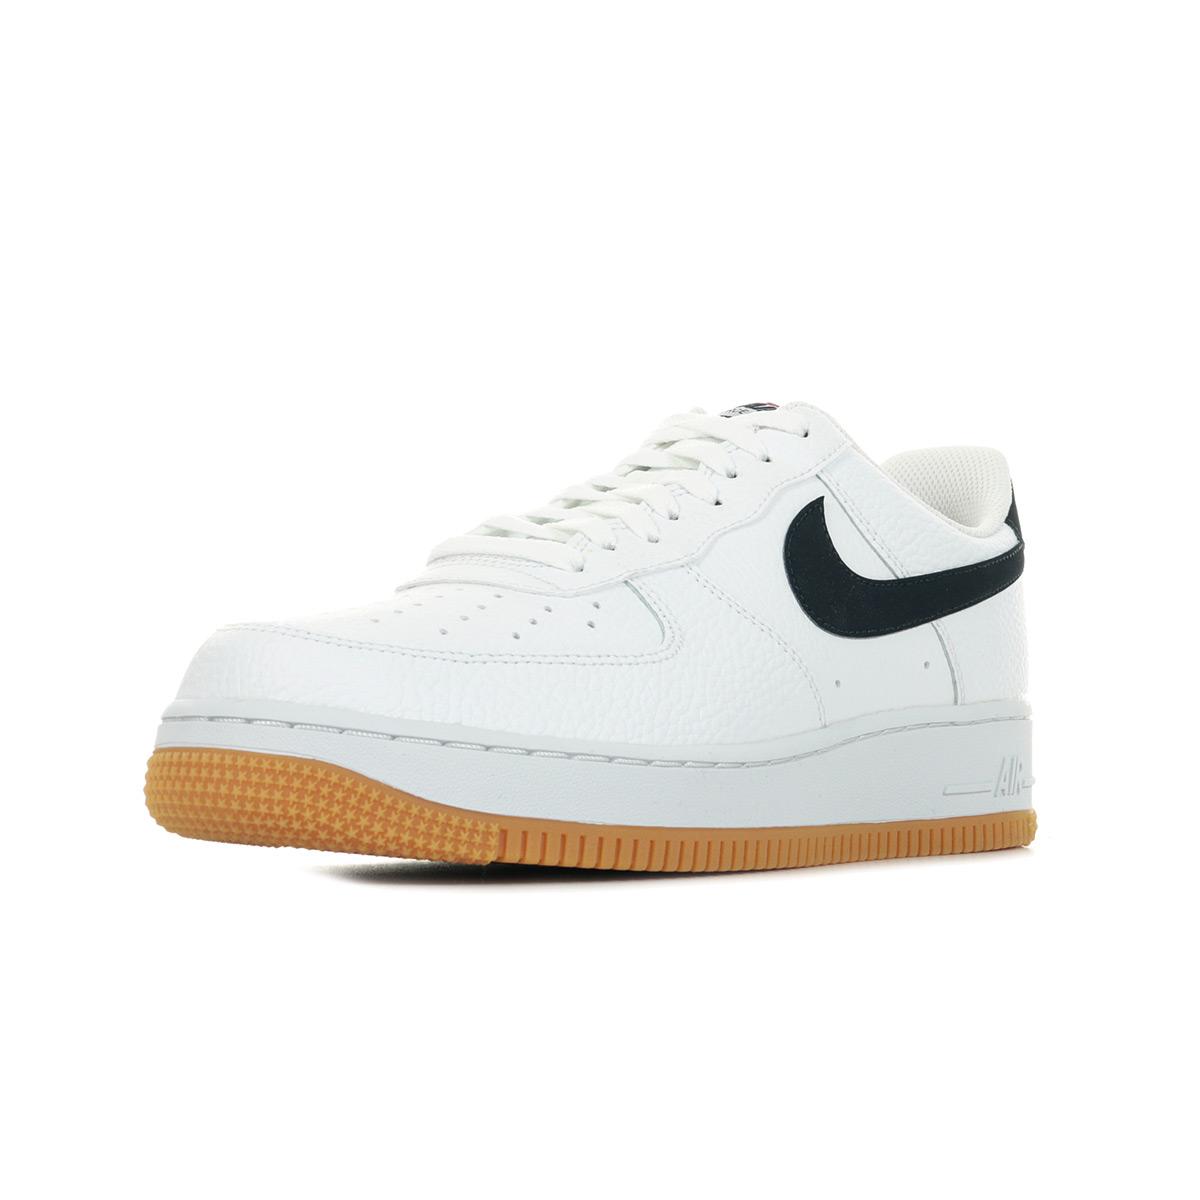 Détails sur Chaussures Baskets Nike homme Air Force 1 '07 taille Blanc Blanche Cuir Lacets